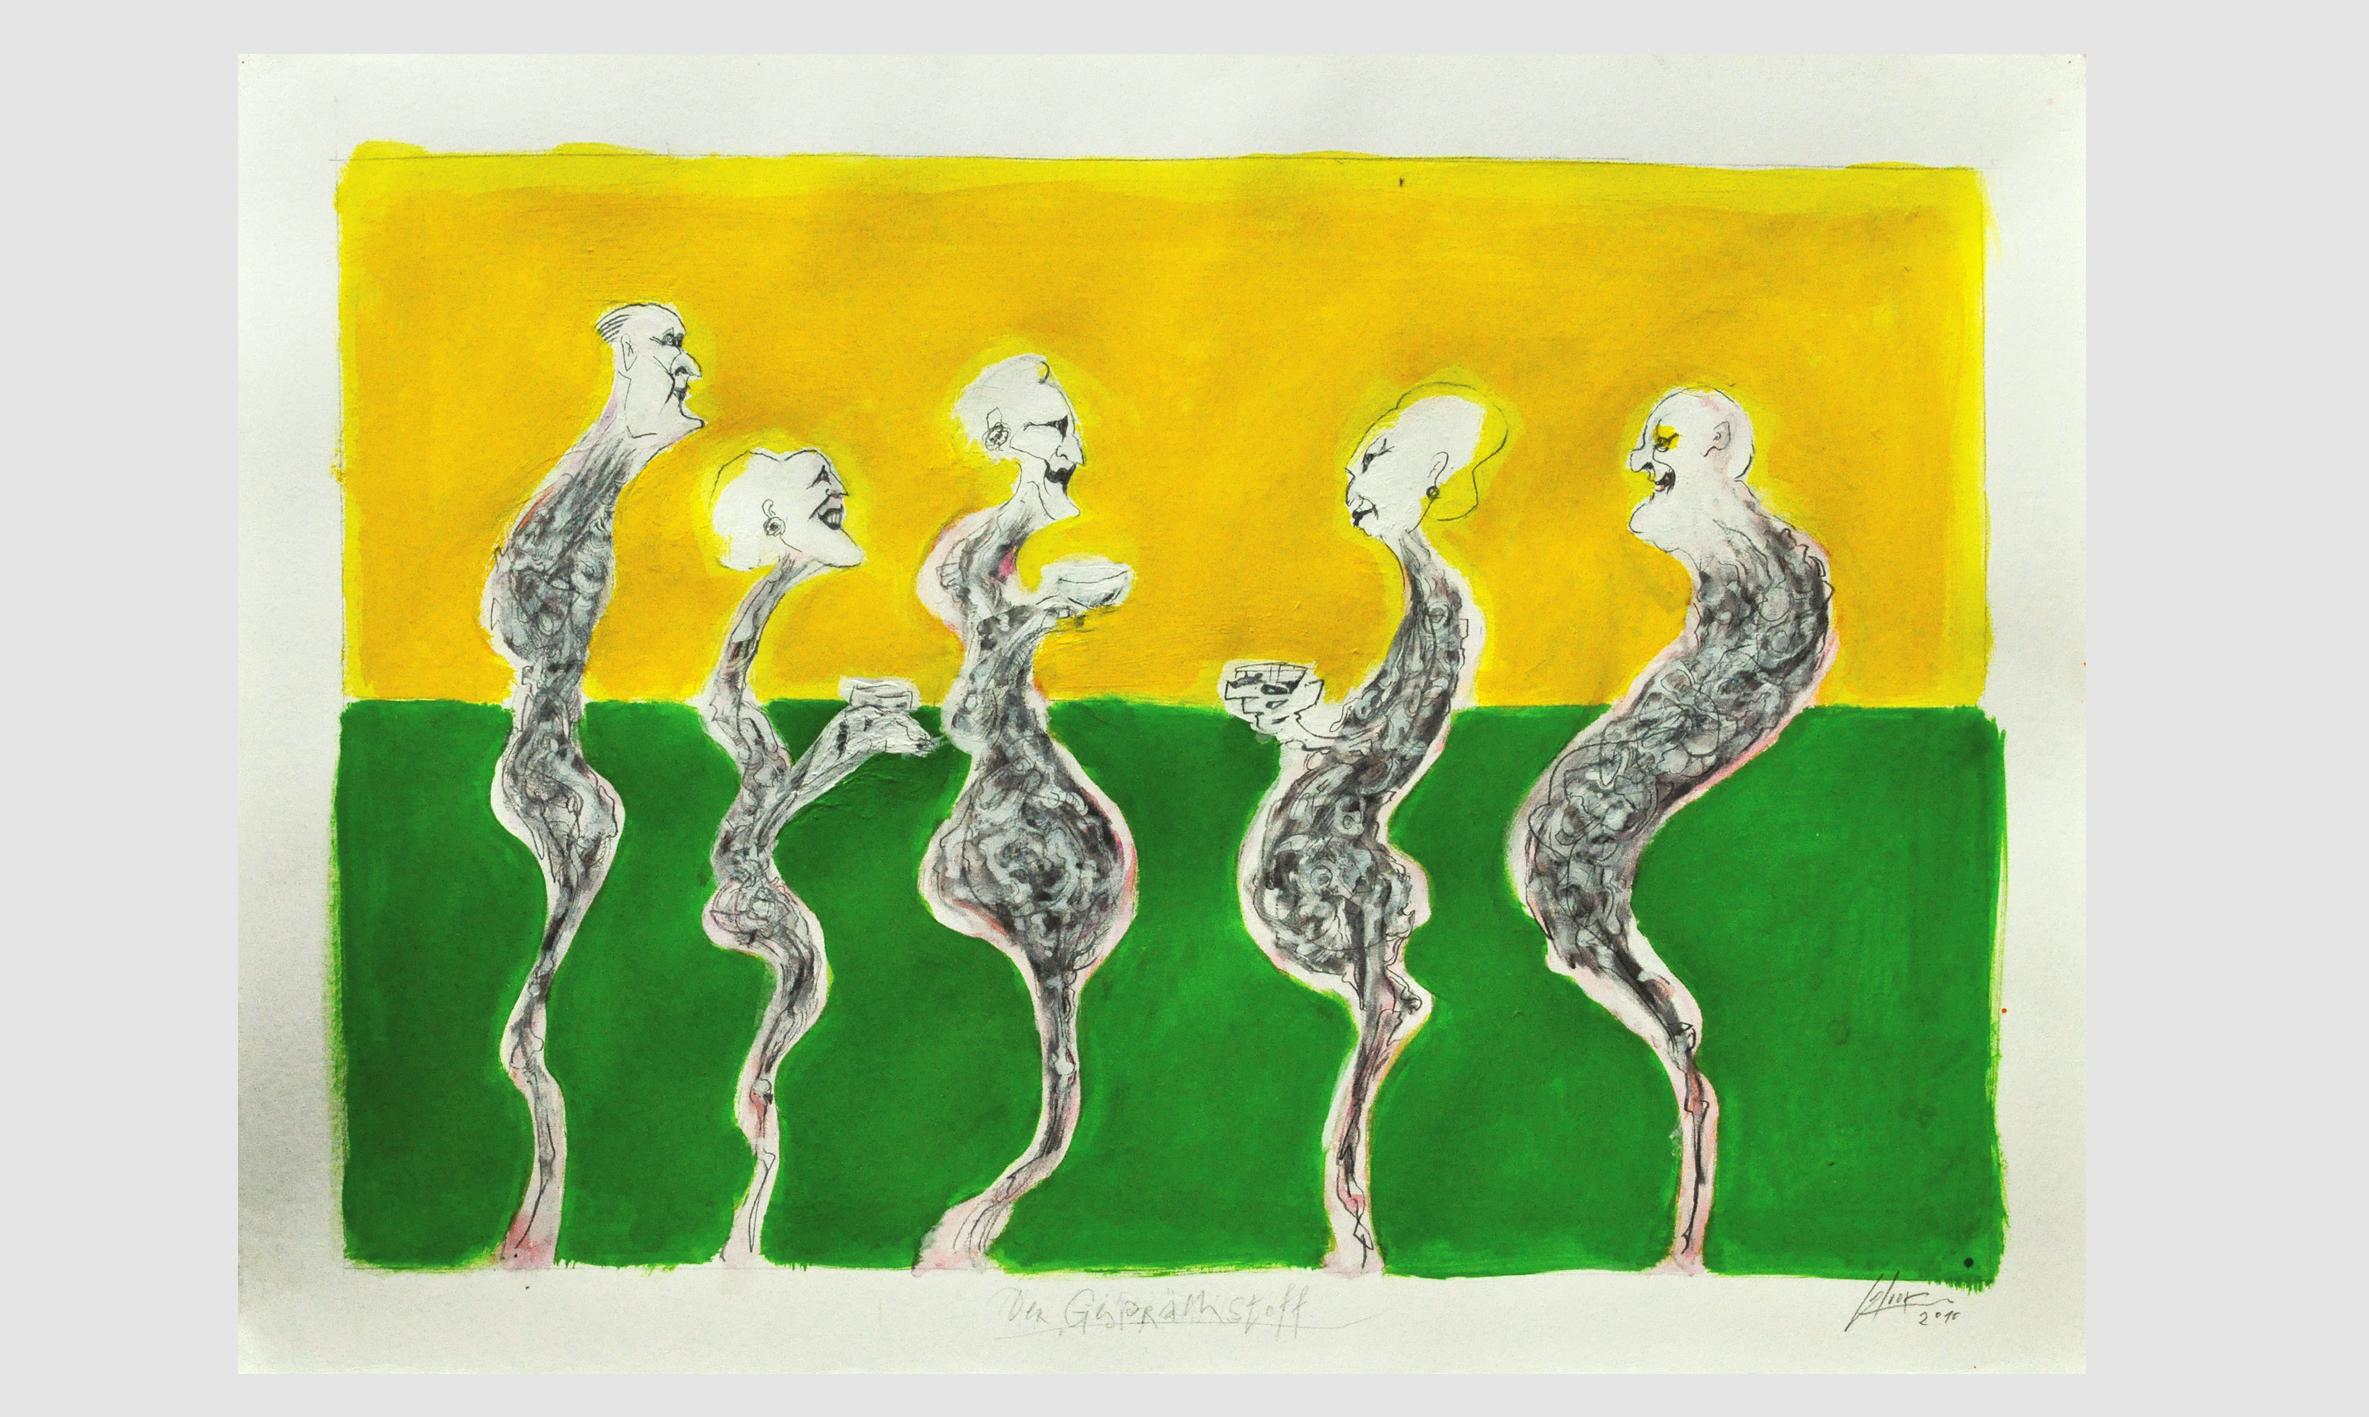 Der Gesprächsstoff, 2010, Mischtechnik auf Büttenpapier, ca. 70 x 50, Holzrahmen, Rahmenmass ca. 100 x 70 cm